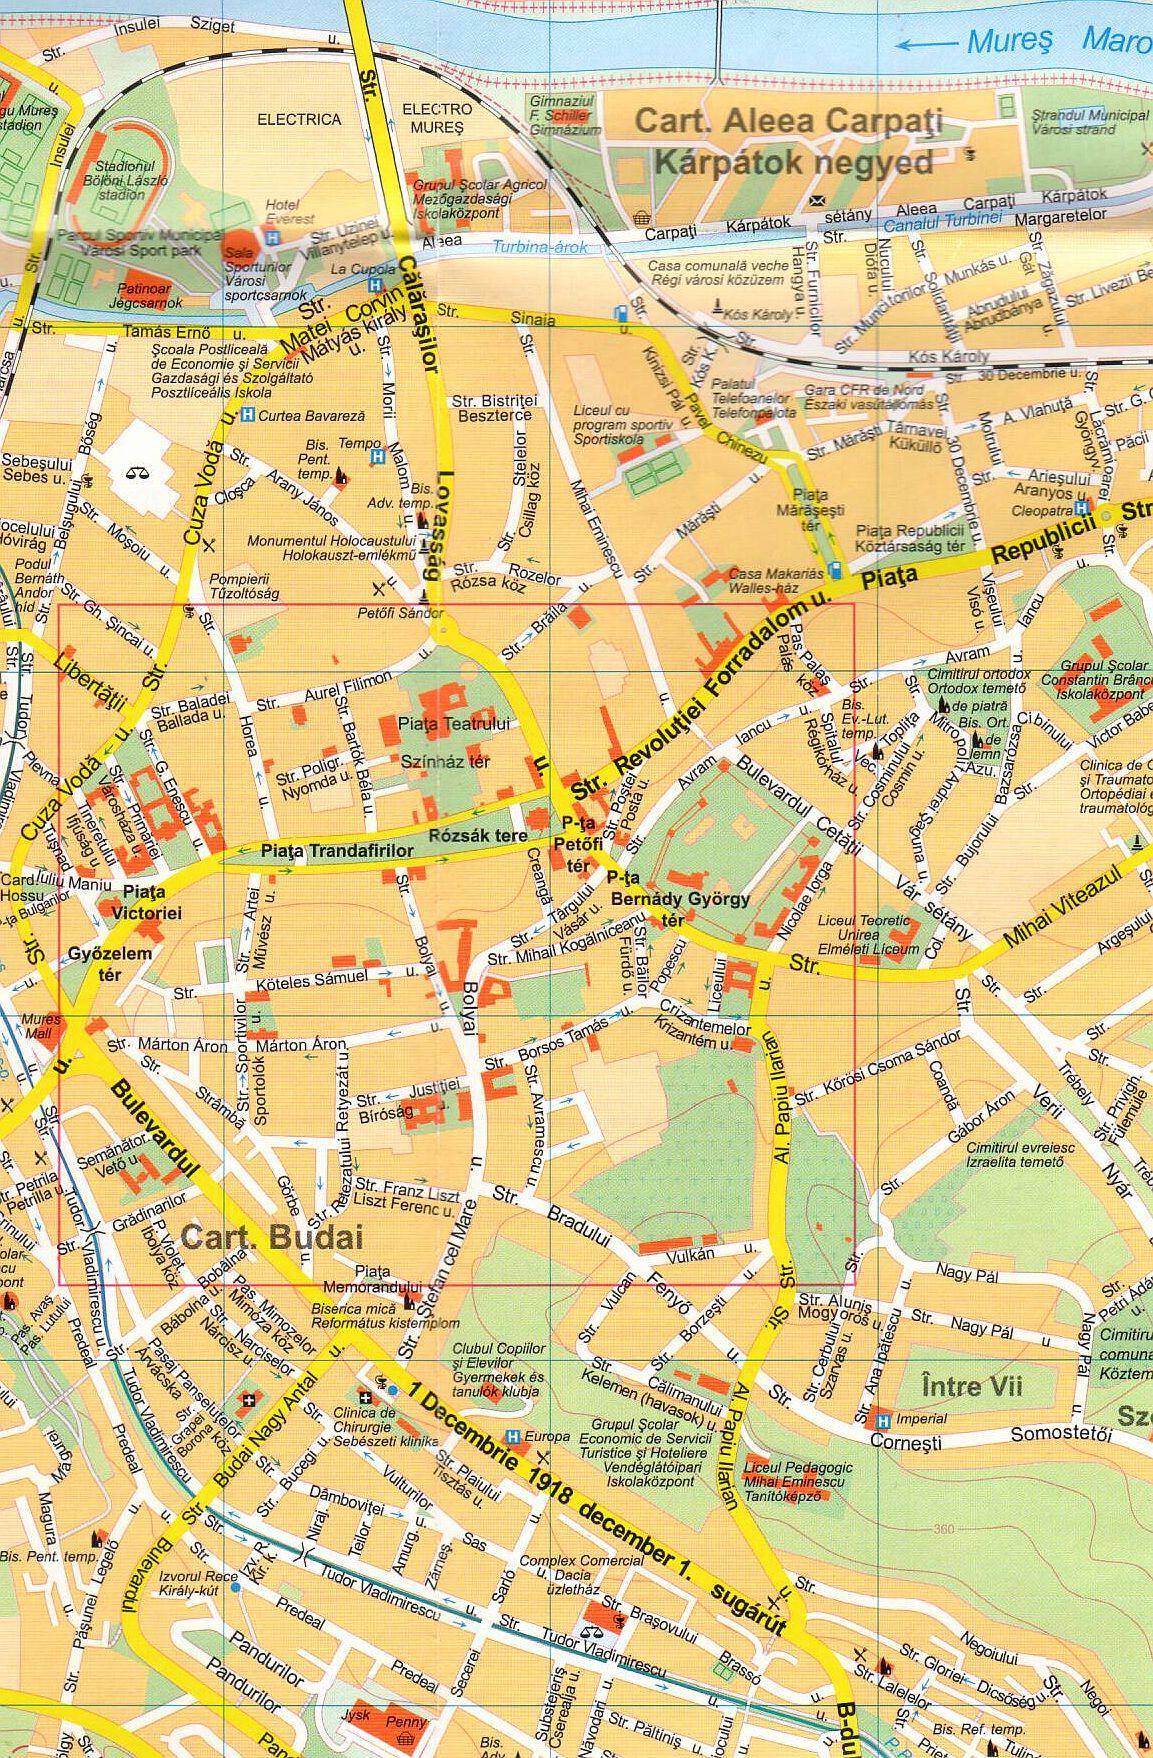 Targu Mures 1:12.000 sample map